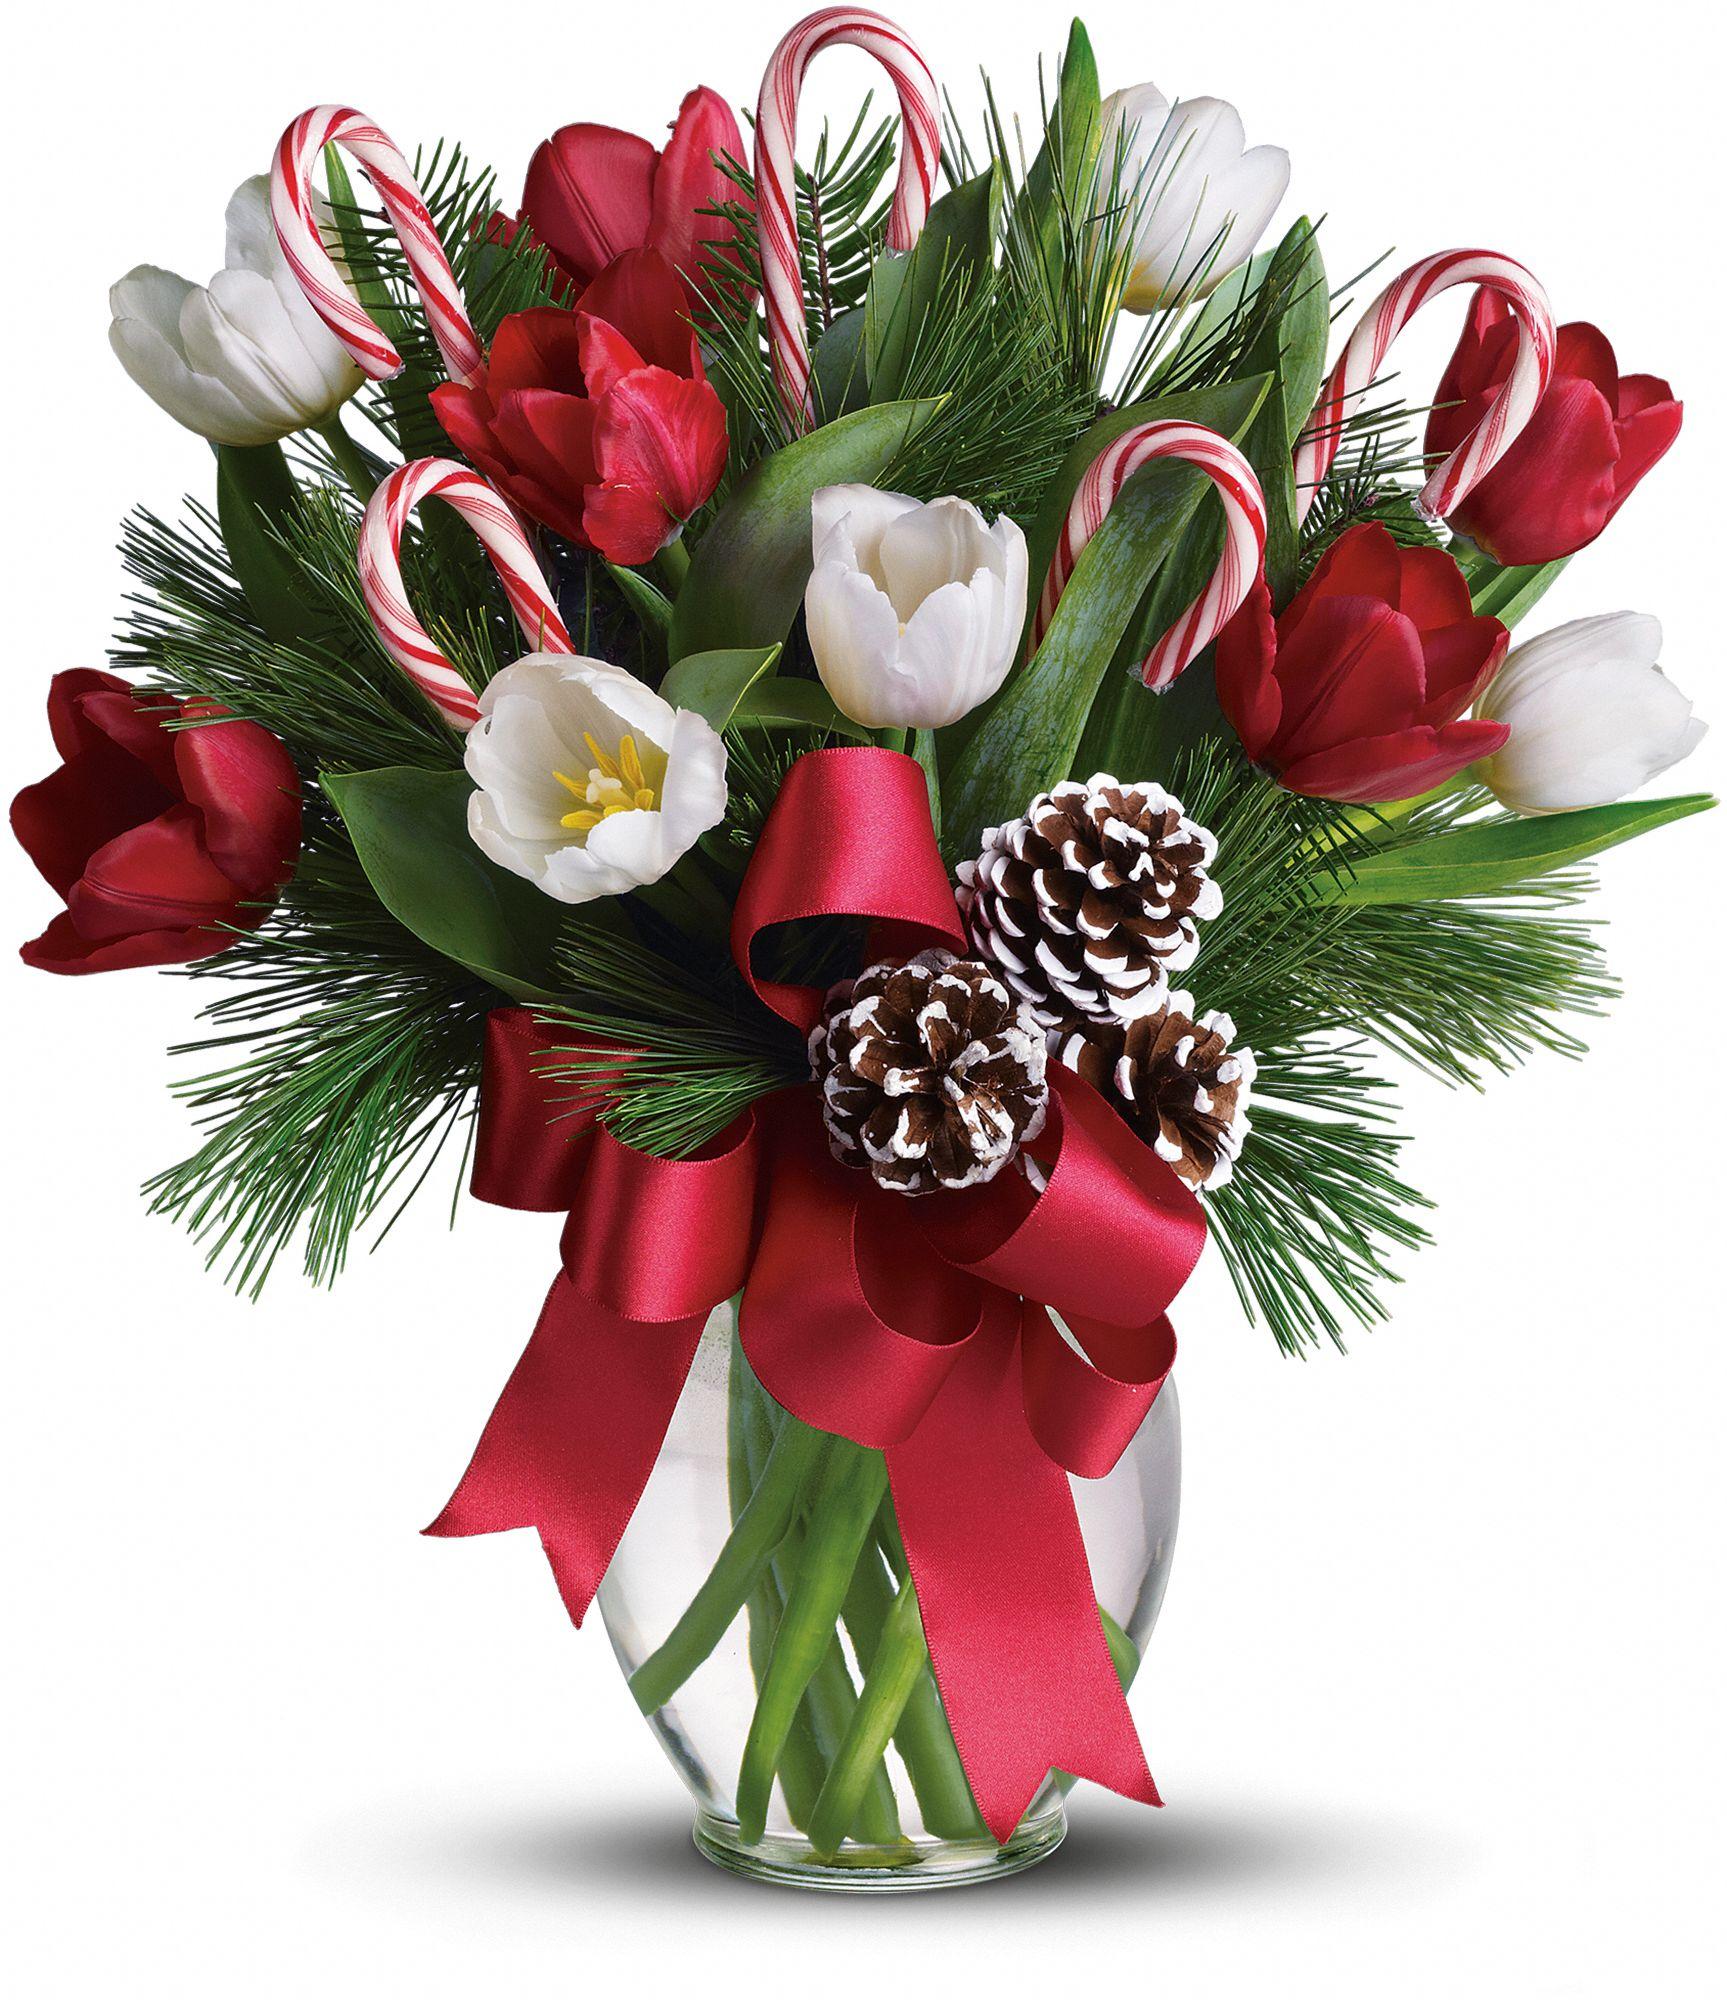 Красивые новогодние букеты из цветов фото